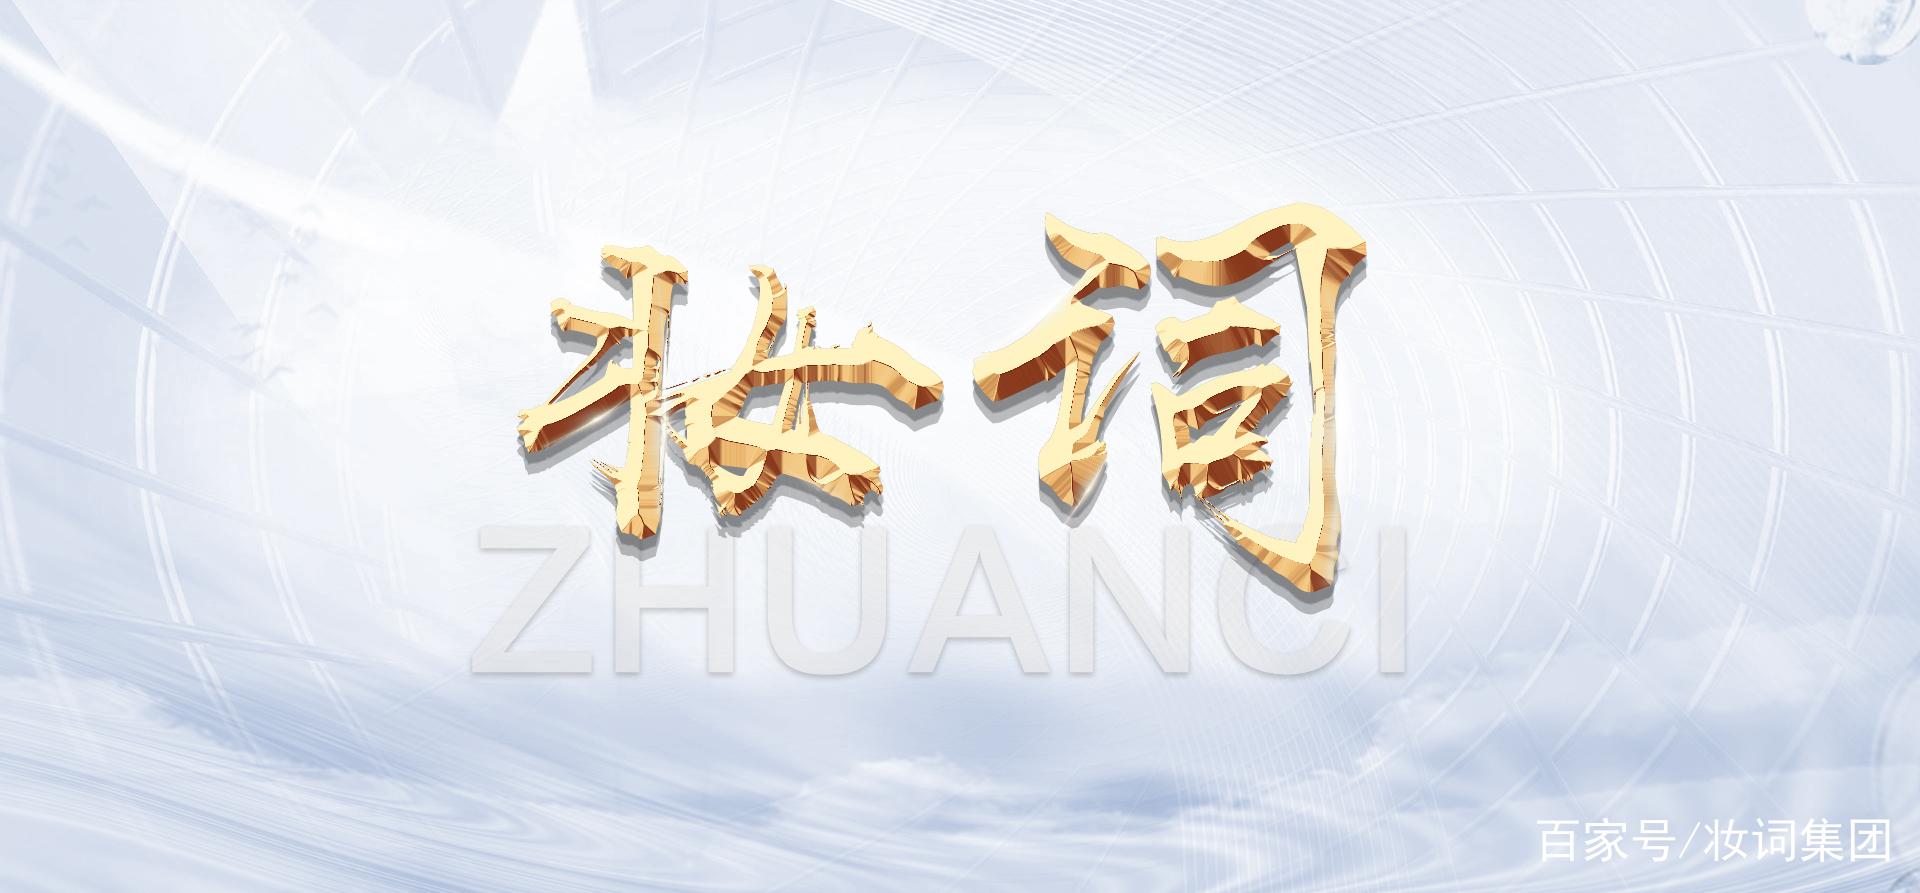 中国美白修复高端品牌【妆词】正式进军美业。